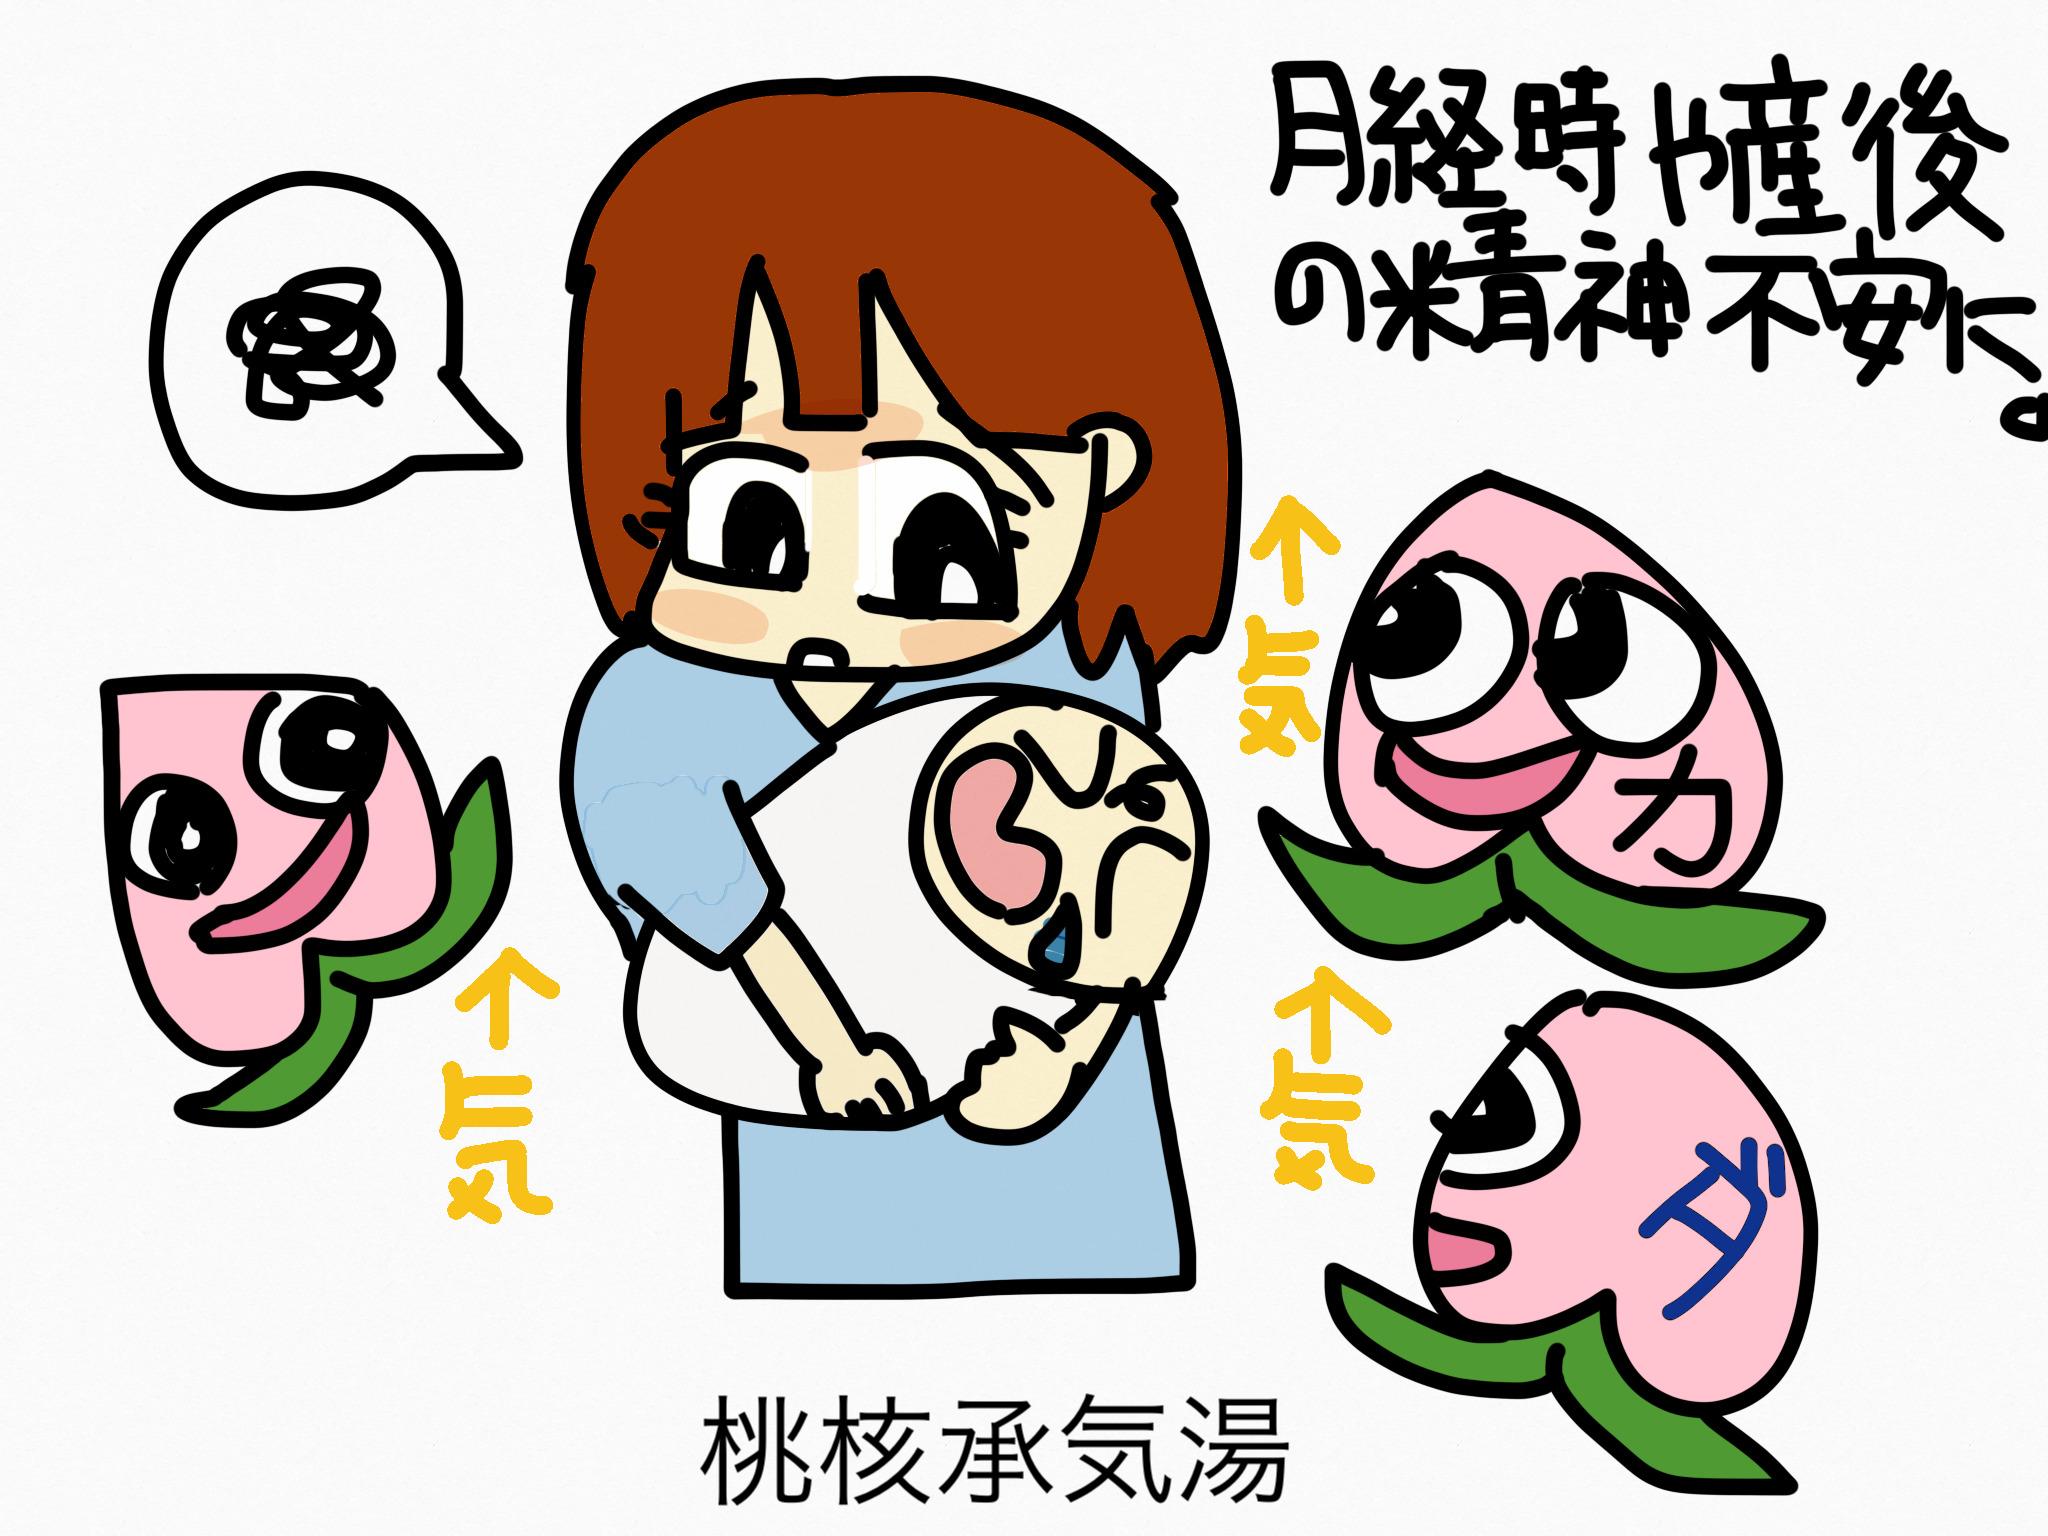 桃核承気湯(とうかくじょうきとう)[月経に伴う症状]【漢方の覚え方】